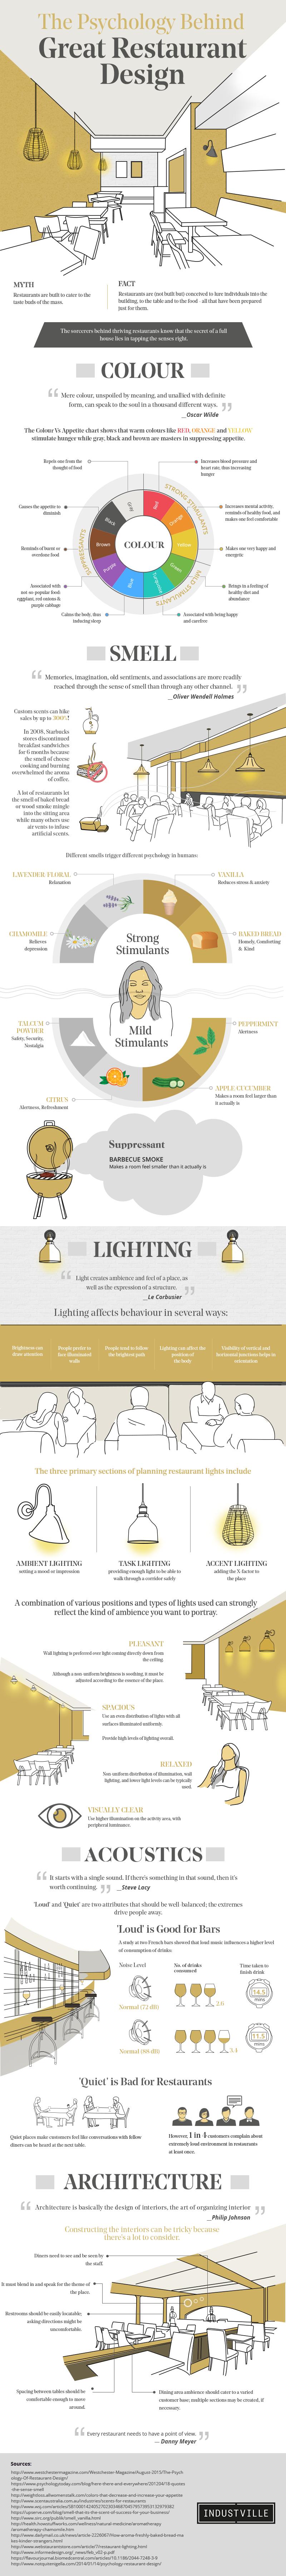 Gode råd: sådan indretter du restaurant, café eller bar - optimal indretning a restauranter - restaurant design